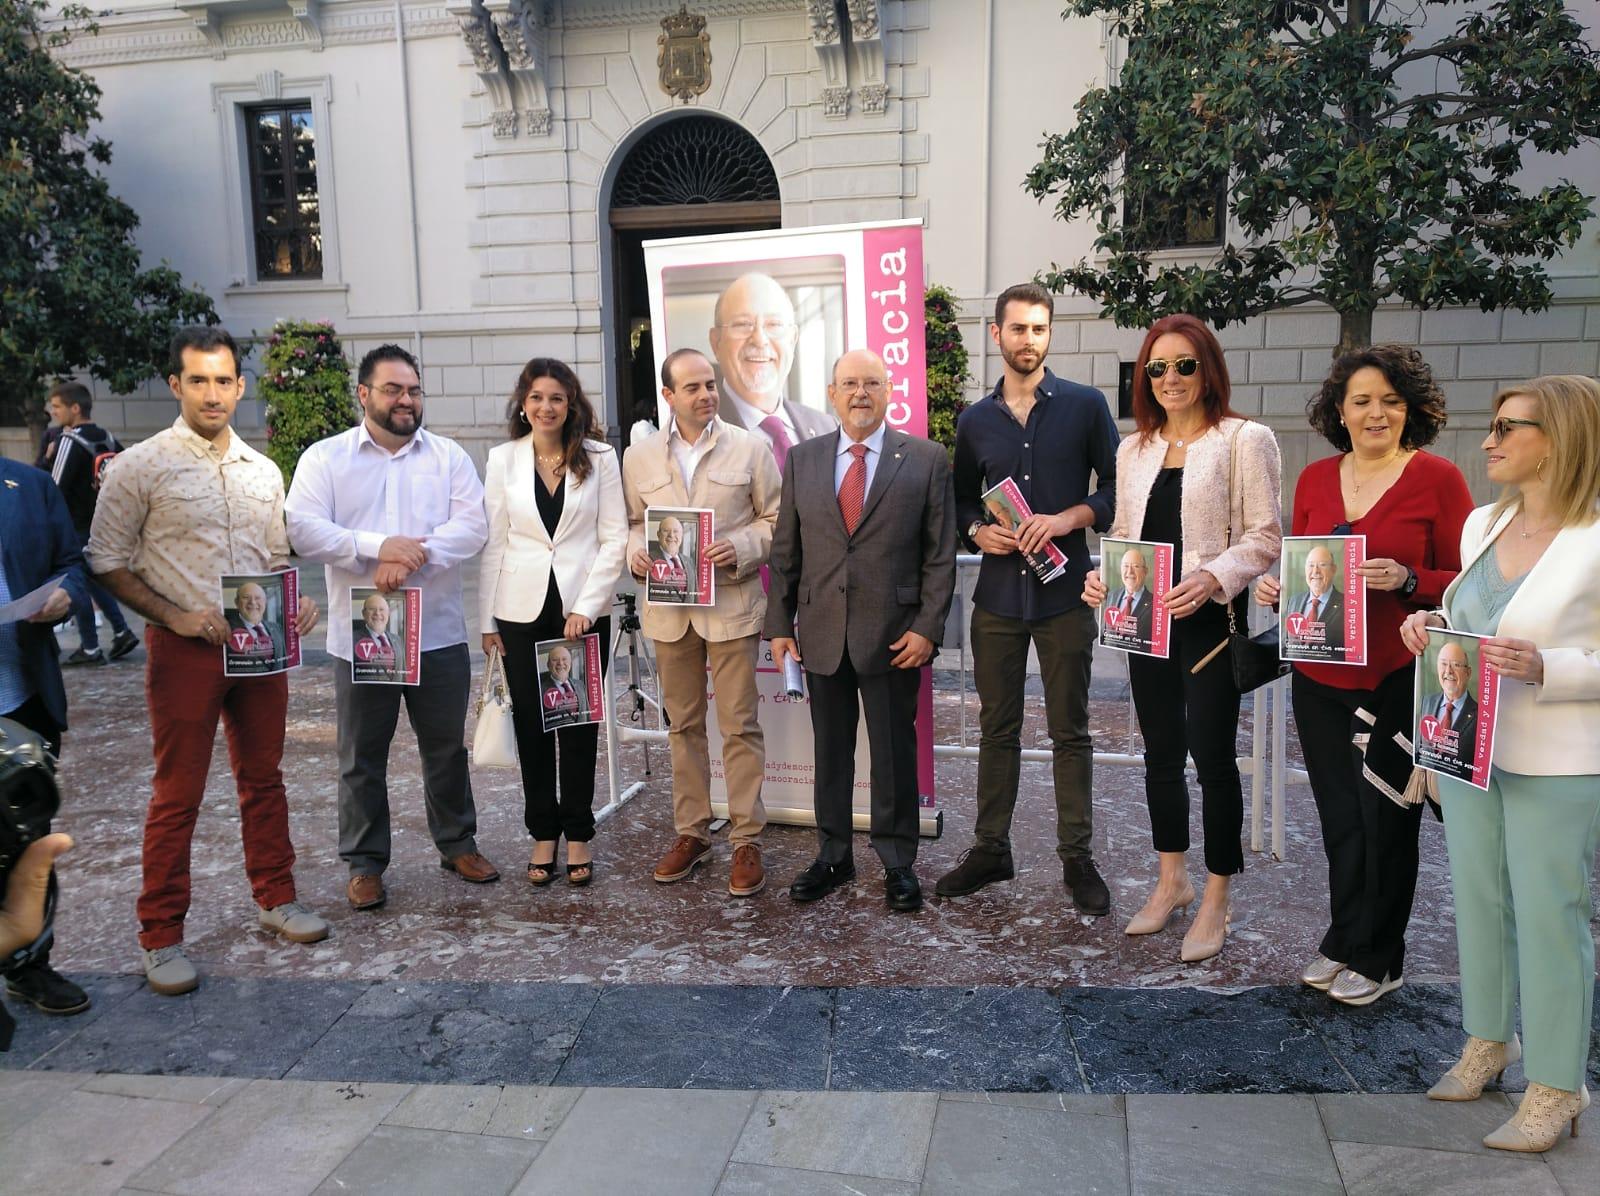 #26M: Luis de Haro presenta Granada, Verdad y Democracia, la candidatura con la que concurre a las municipales